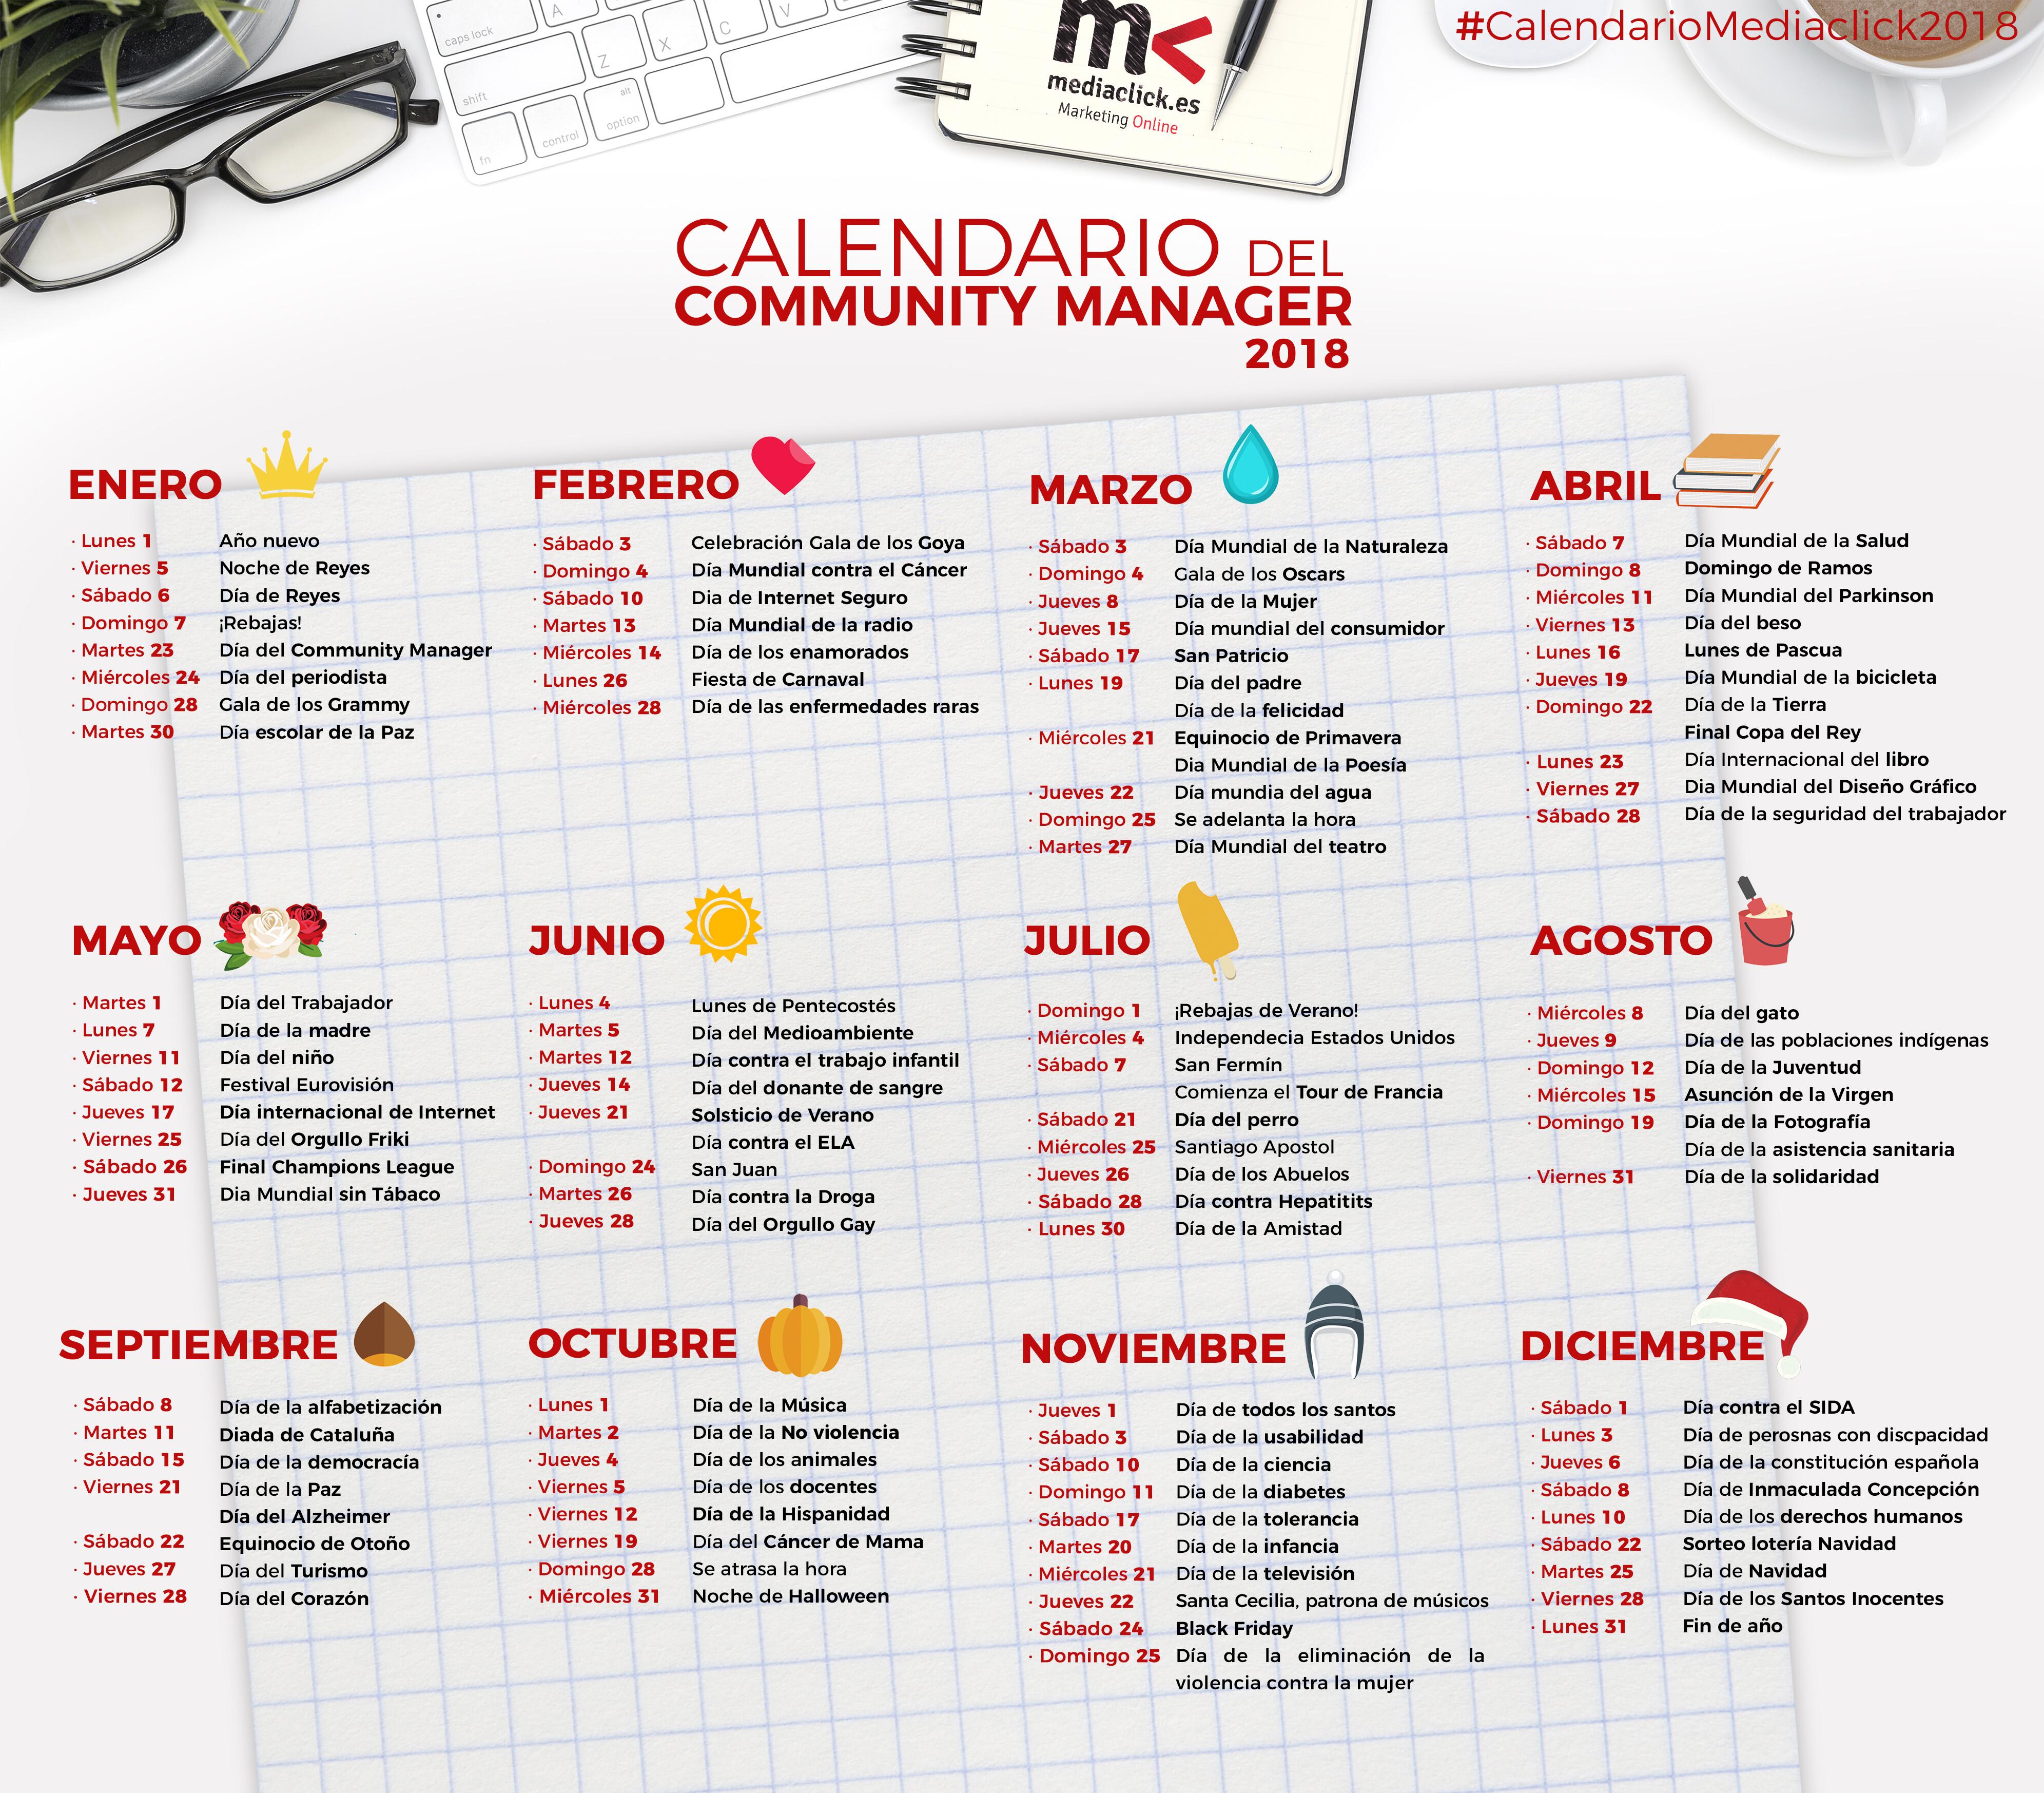 Calendario del community manager 2018 agencia marketing online 360 quieres el calendario en alta calidad descrgatelo thecheapjerseys Image collections